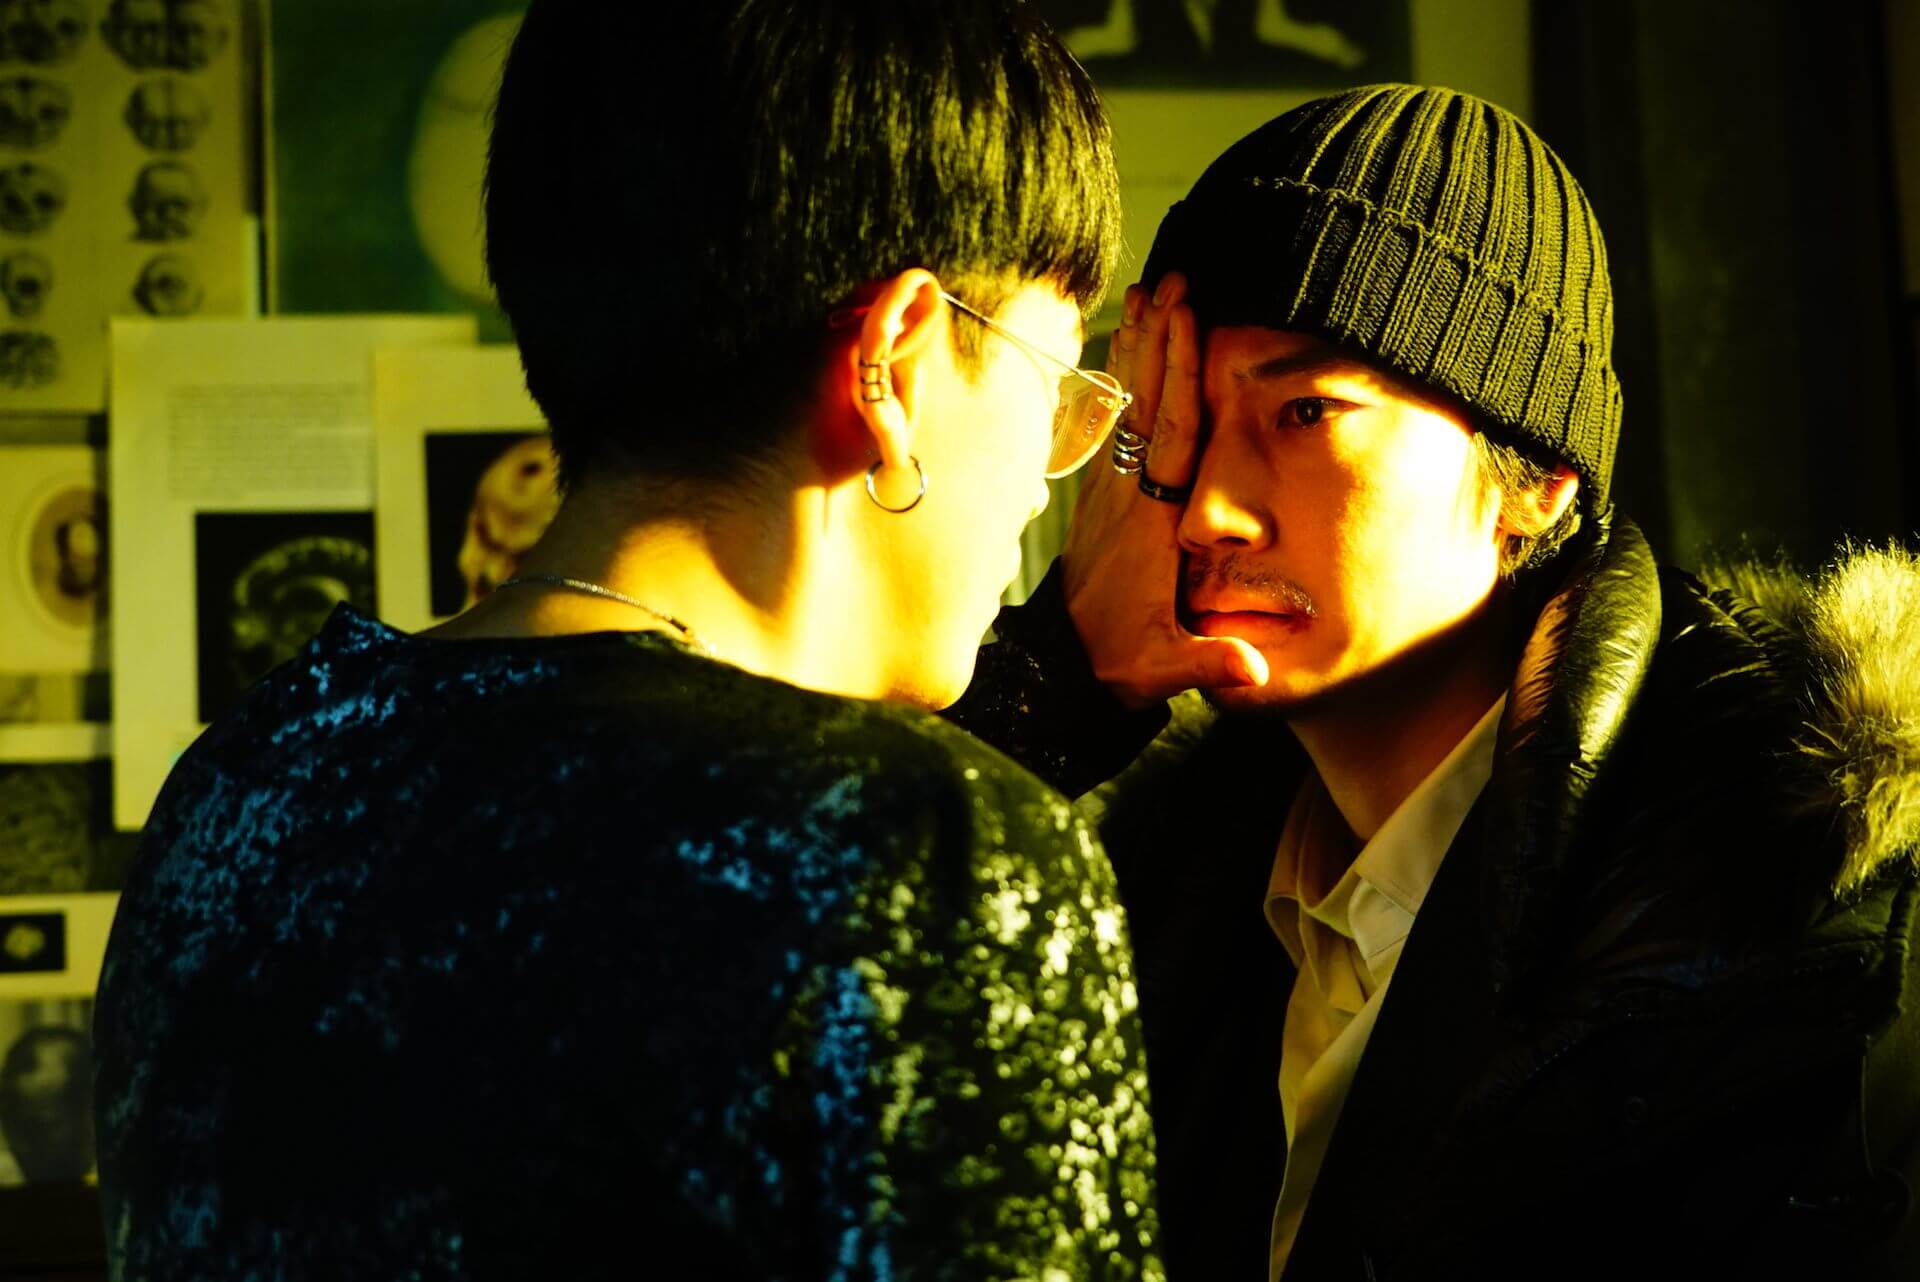 綾野剛主演の実写映画『ホムンクルス』の場面写真20点が一挙解禁!成田凌、岸井ゆきのら超豪華キャストも話題 film210118_homunclus_15